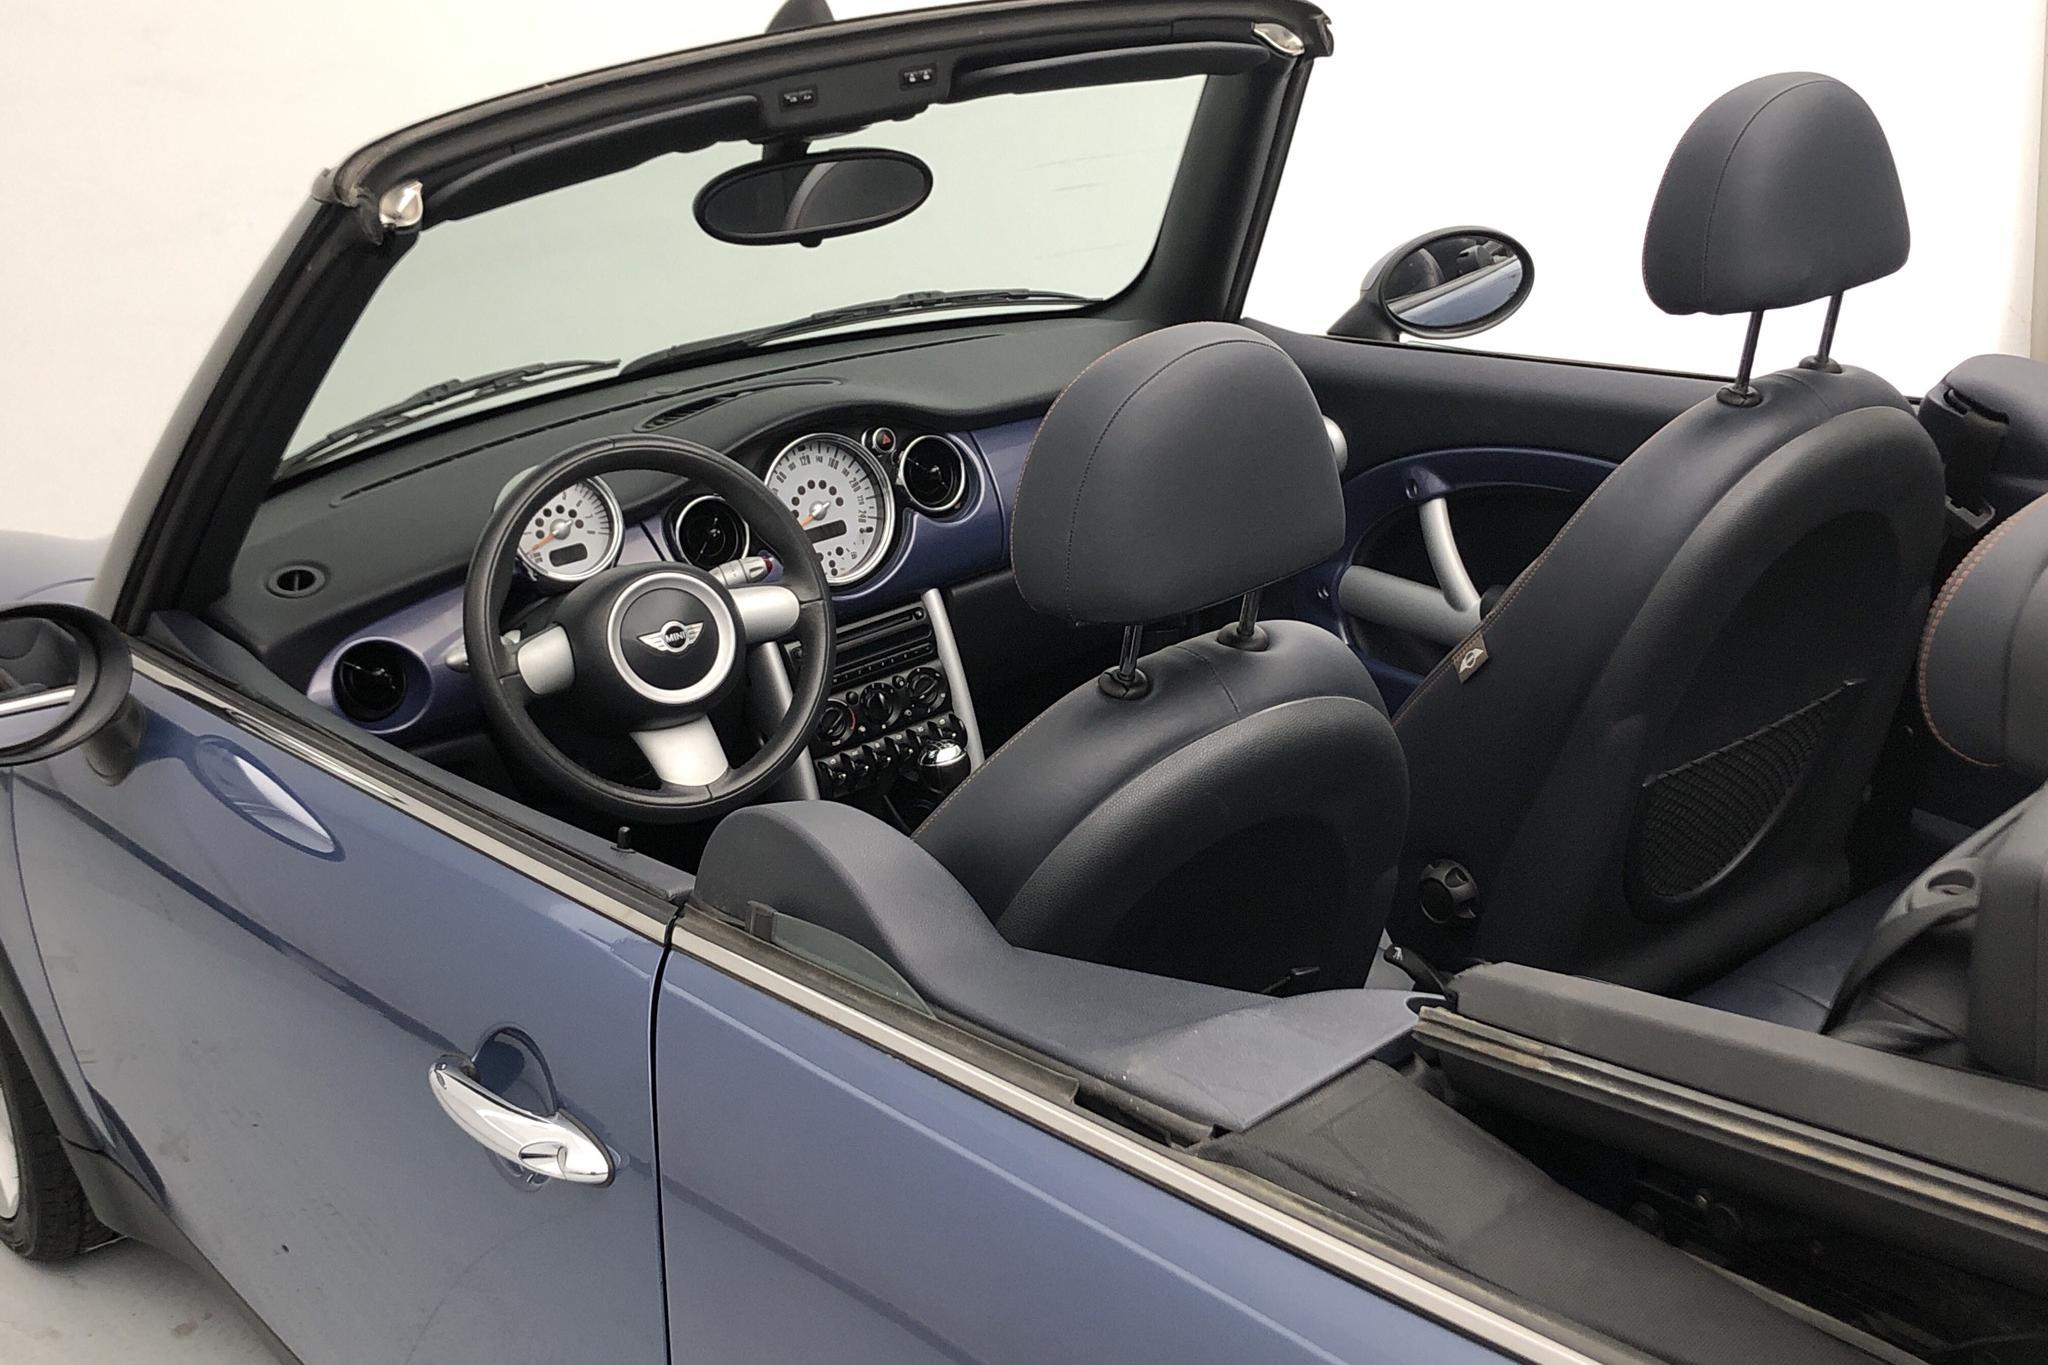 MINI Cooper 1.6 Cabriolet (115hk) - 3 232 mil - Manuell - blå - 2004